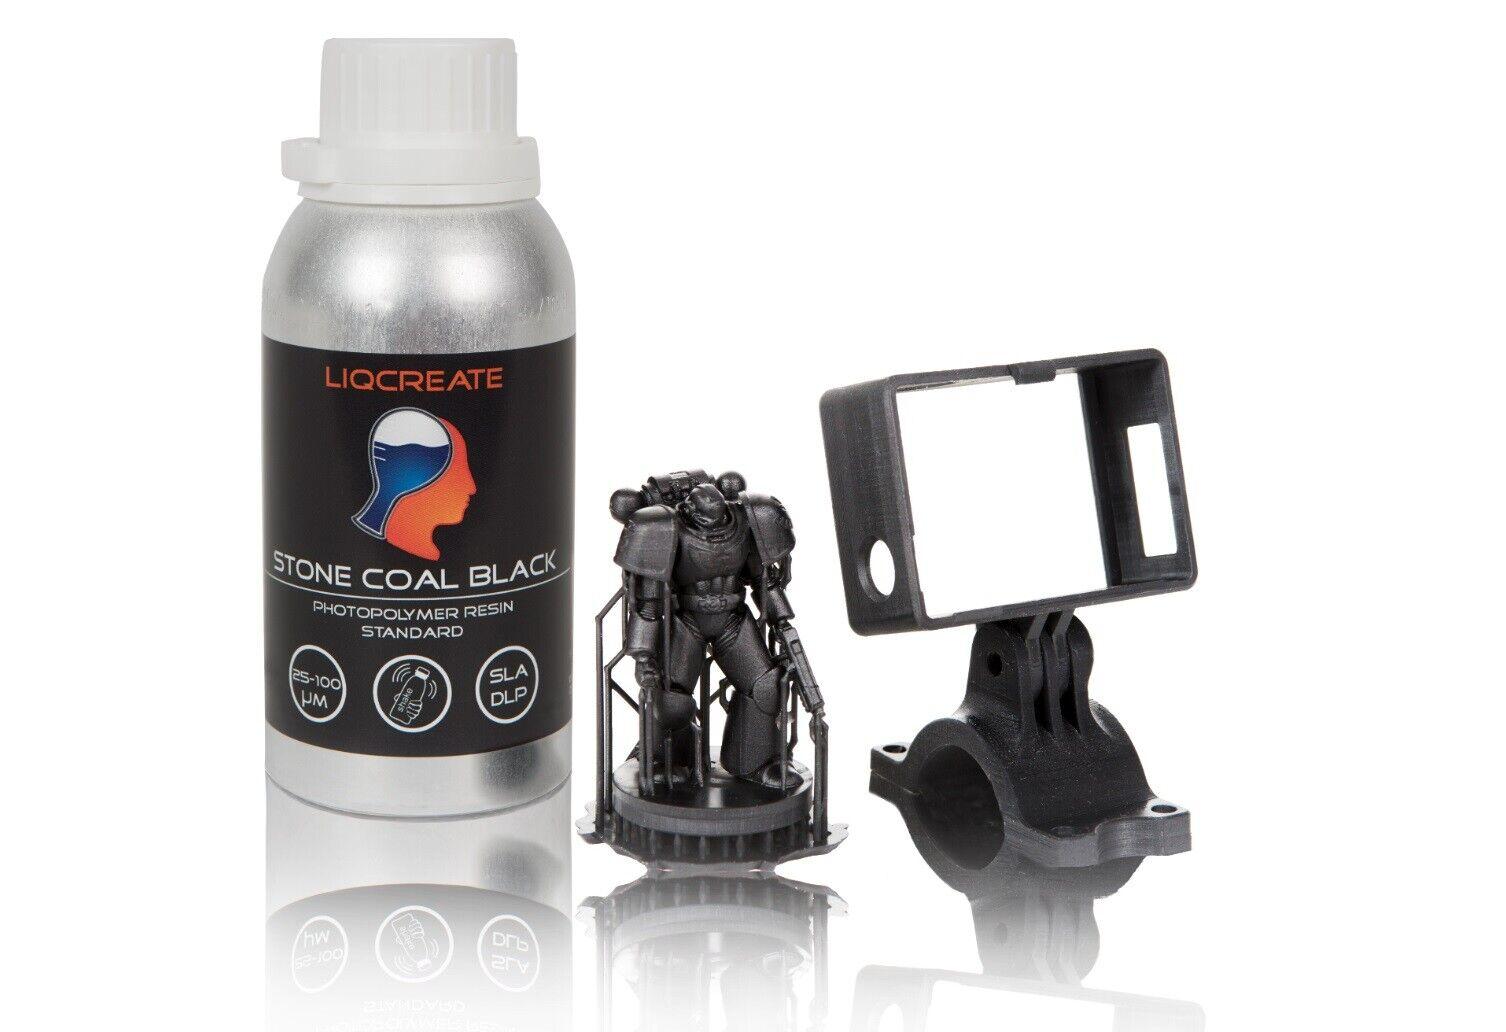 Liqcreate Stone Coal Black 3D Printer / 3D Printing UV Resin 0.25kg Bottle